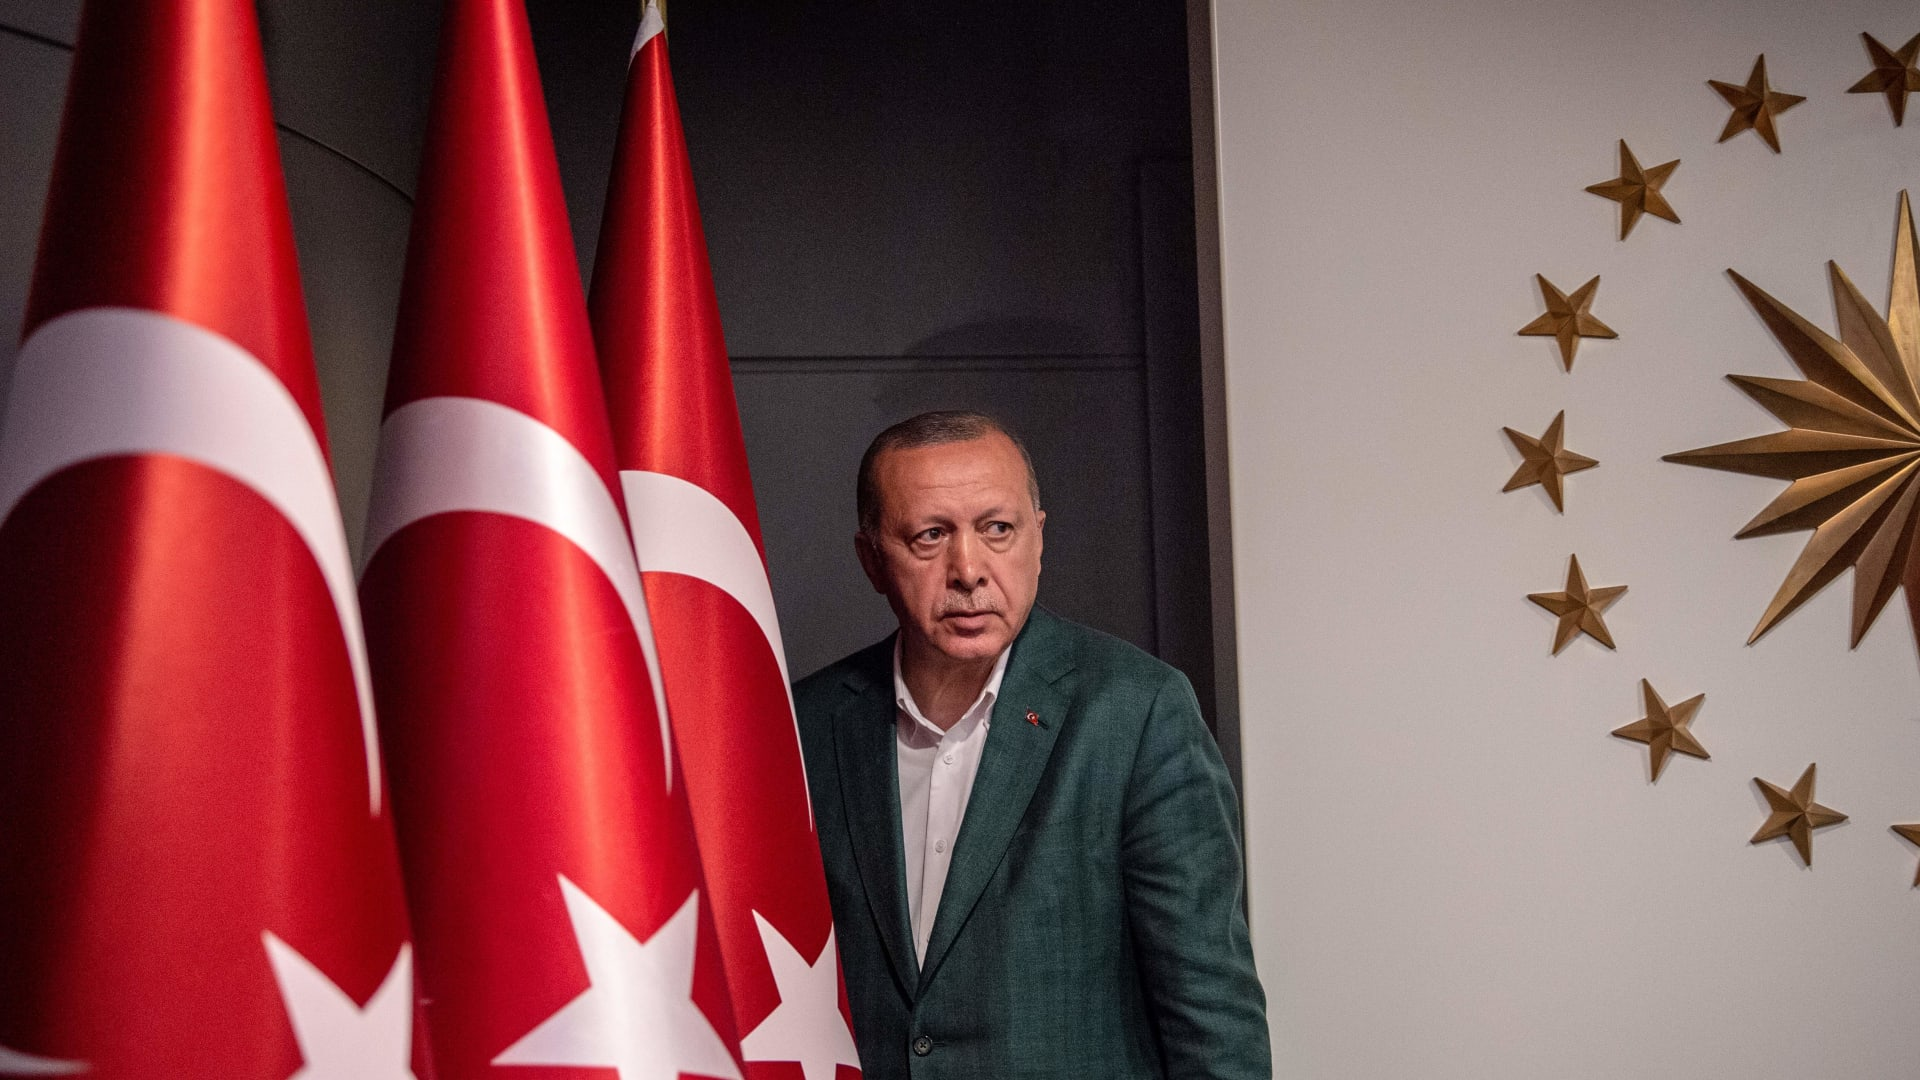 النتائج الأولية للانتخابات بتركيا: حزب أردوغان يخسر أنقرة ويربح البلاد